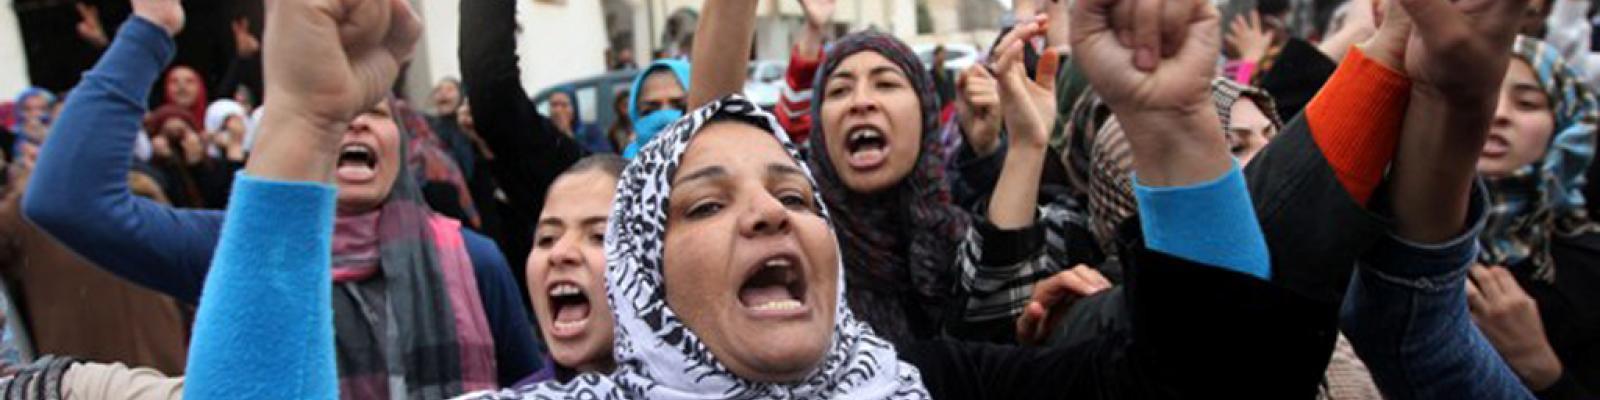 Women in the Arab World